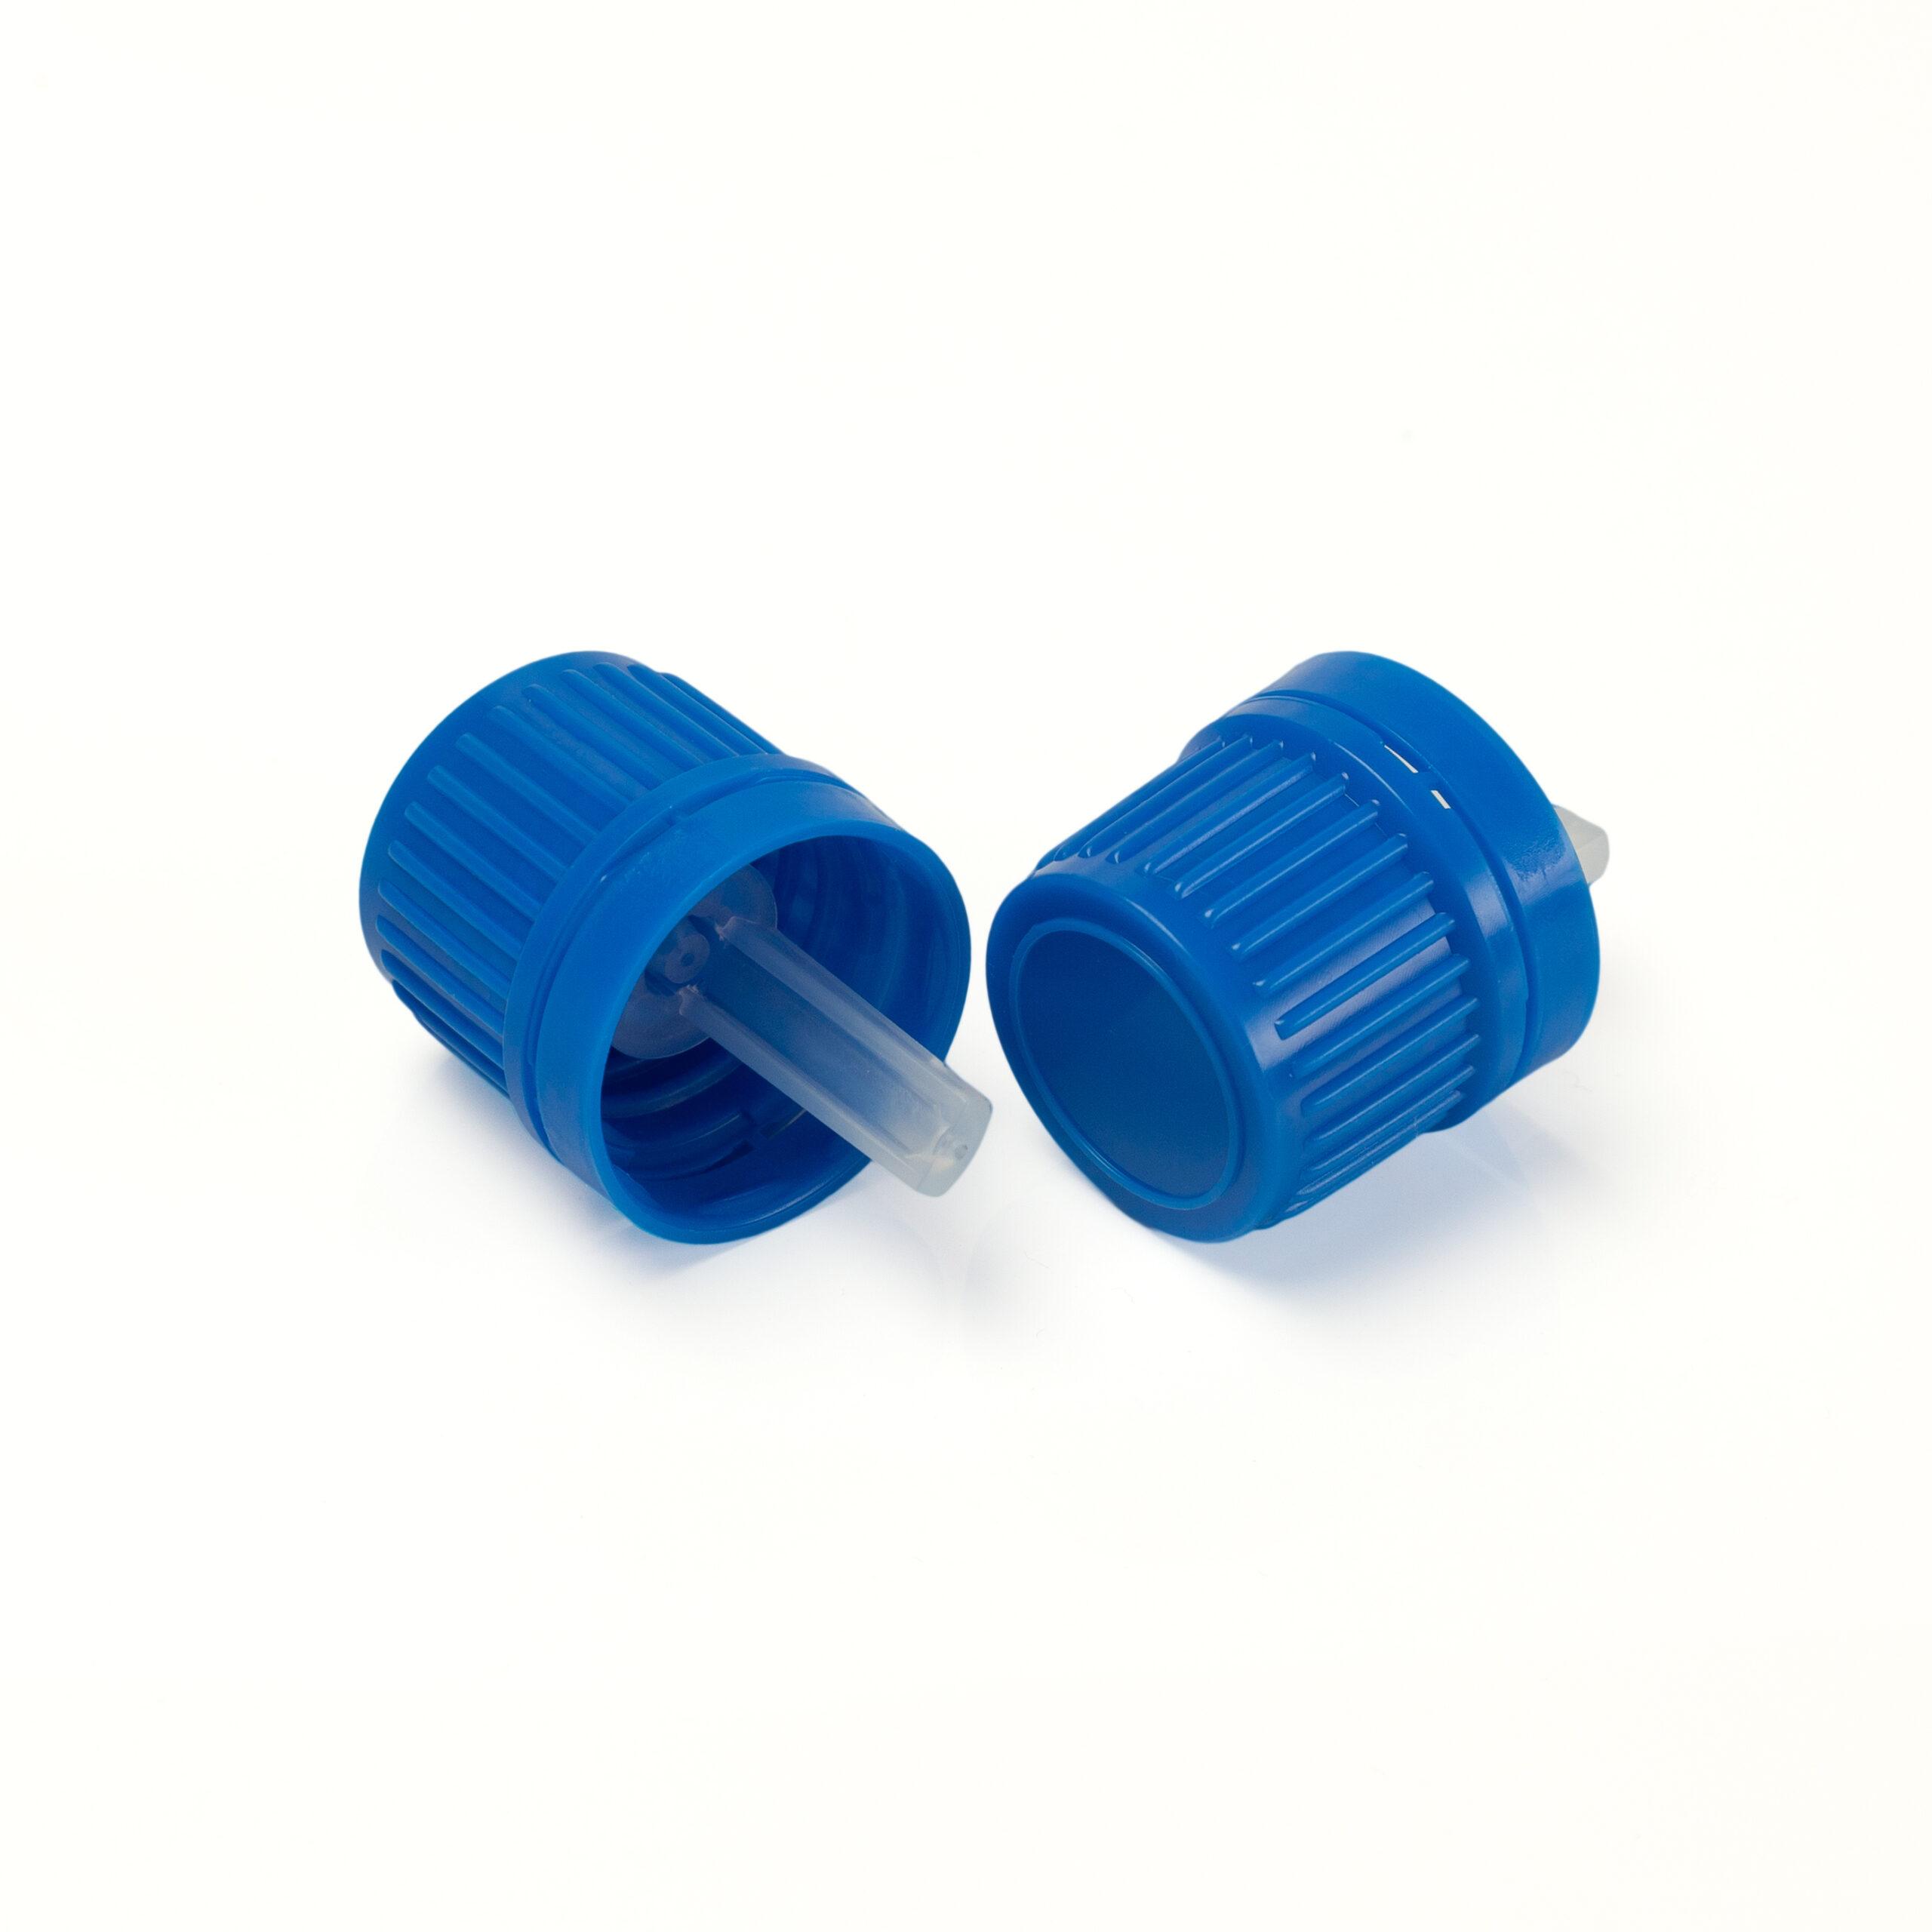 Blue DIN18 vertical dropper cap